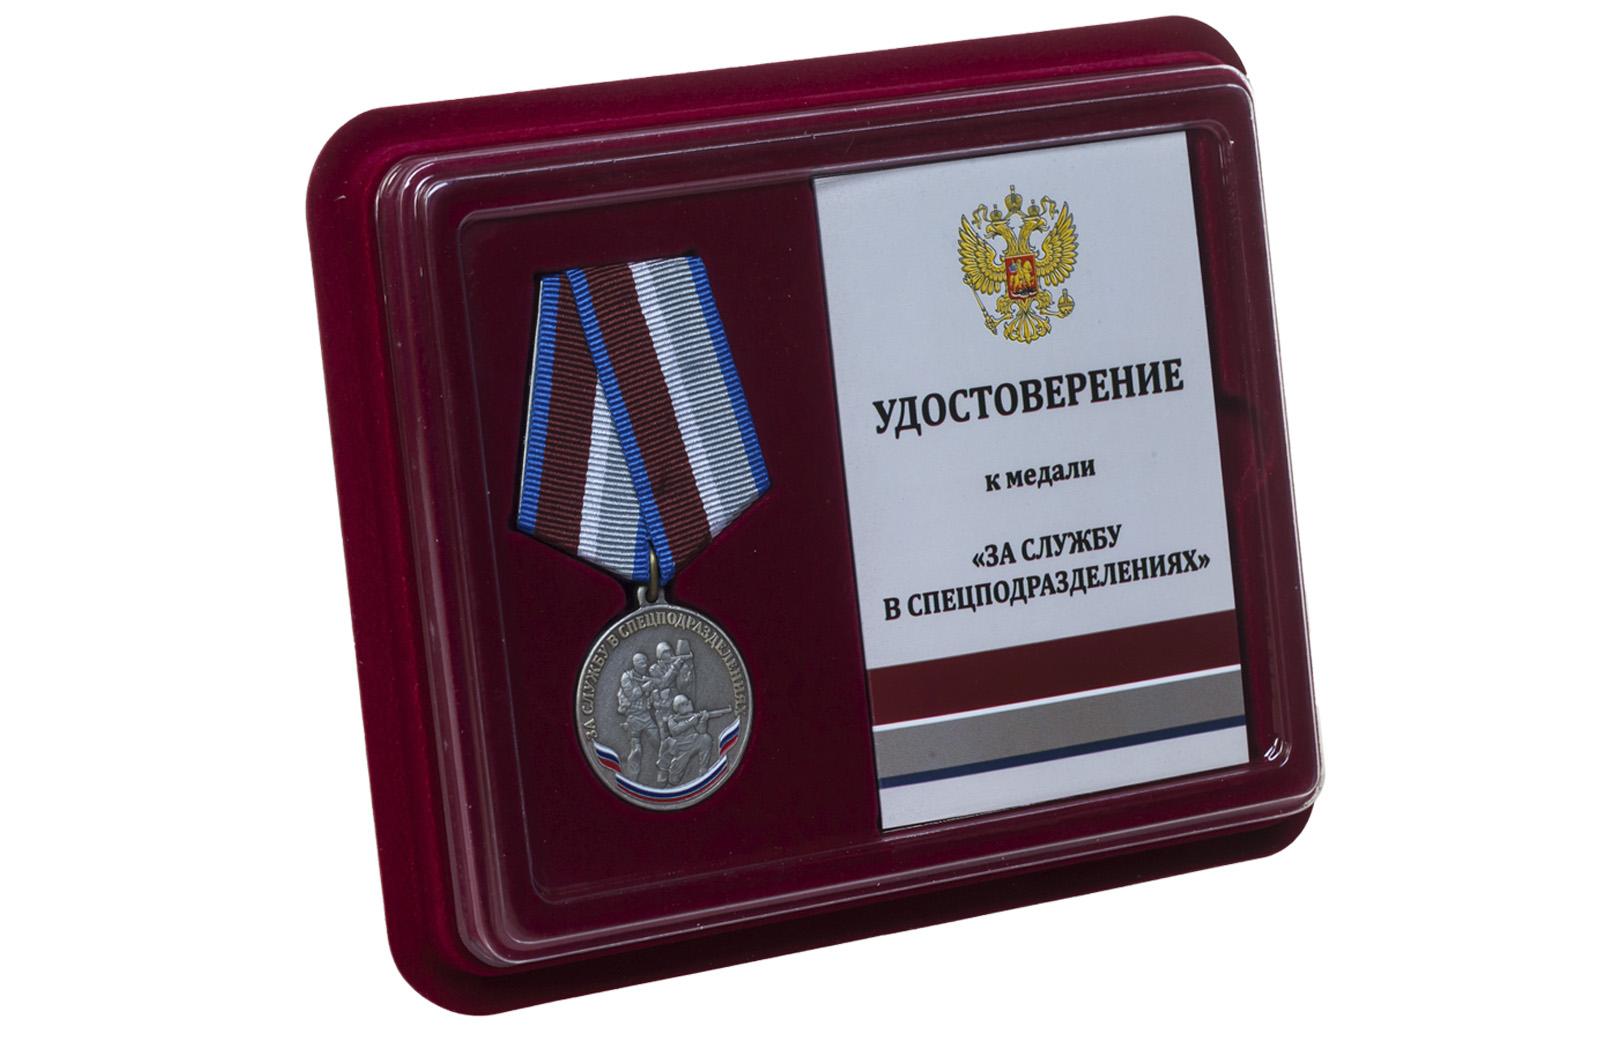 Купить общественную медаль За службу в спецподразделениях онлайн с доставкой